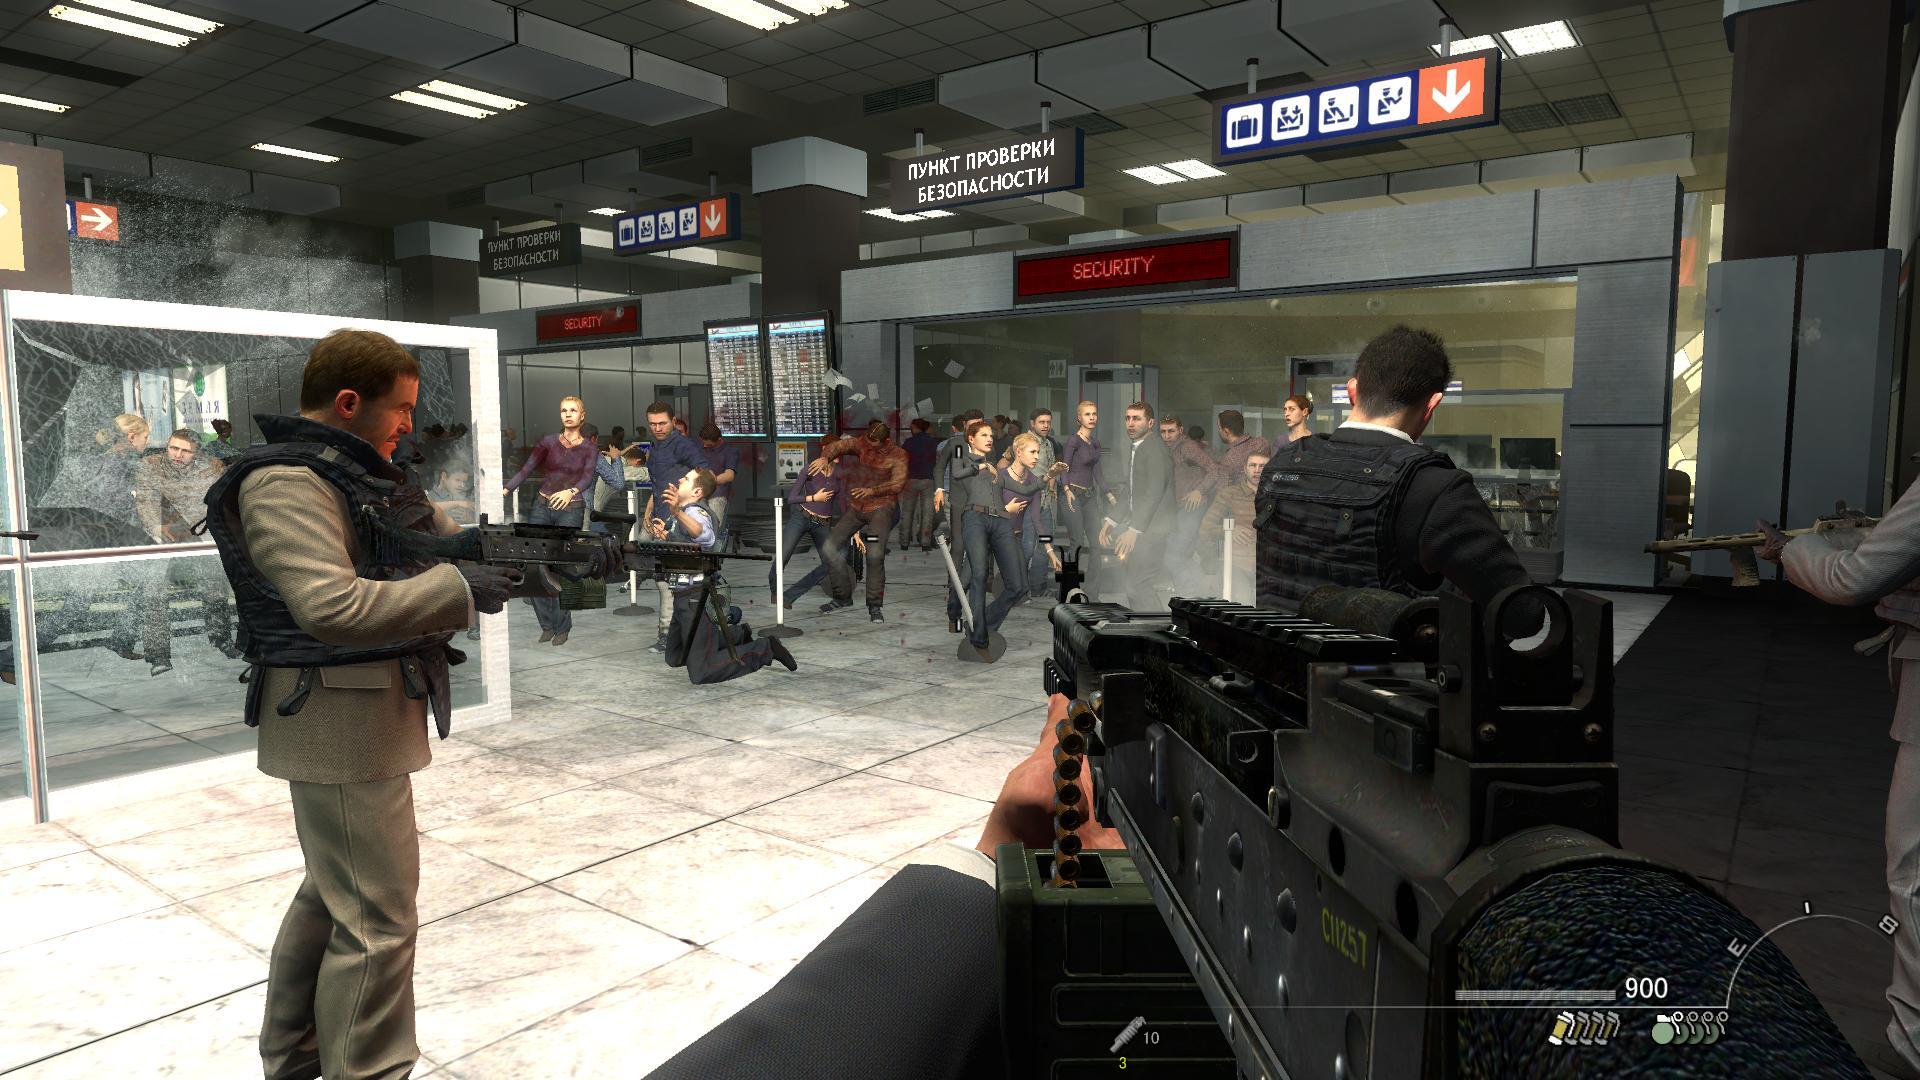 来到以扎卡耶夫命名的飞机场,无差别的突袭正在机场候机的平民,在横飞